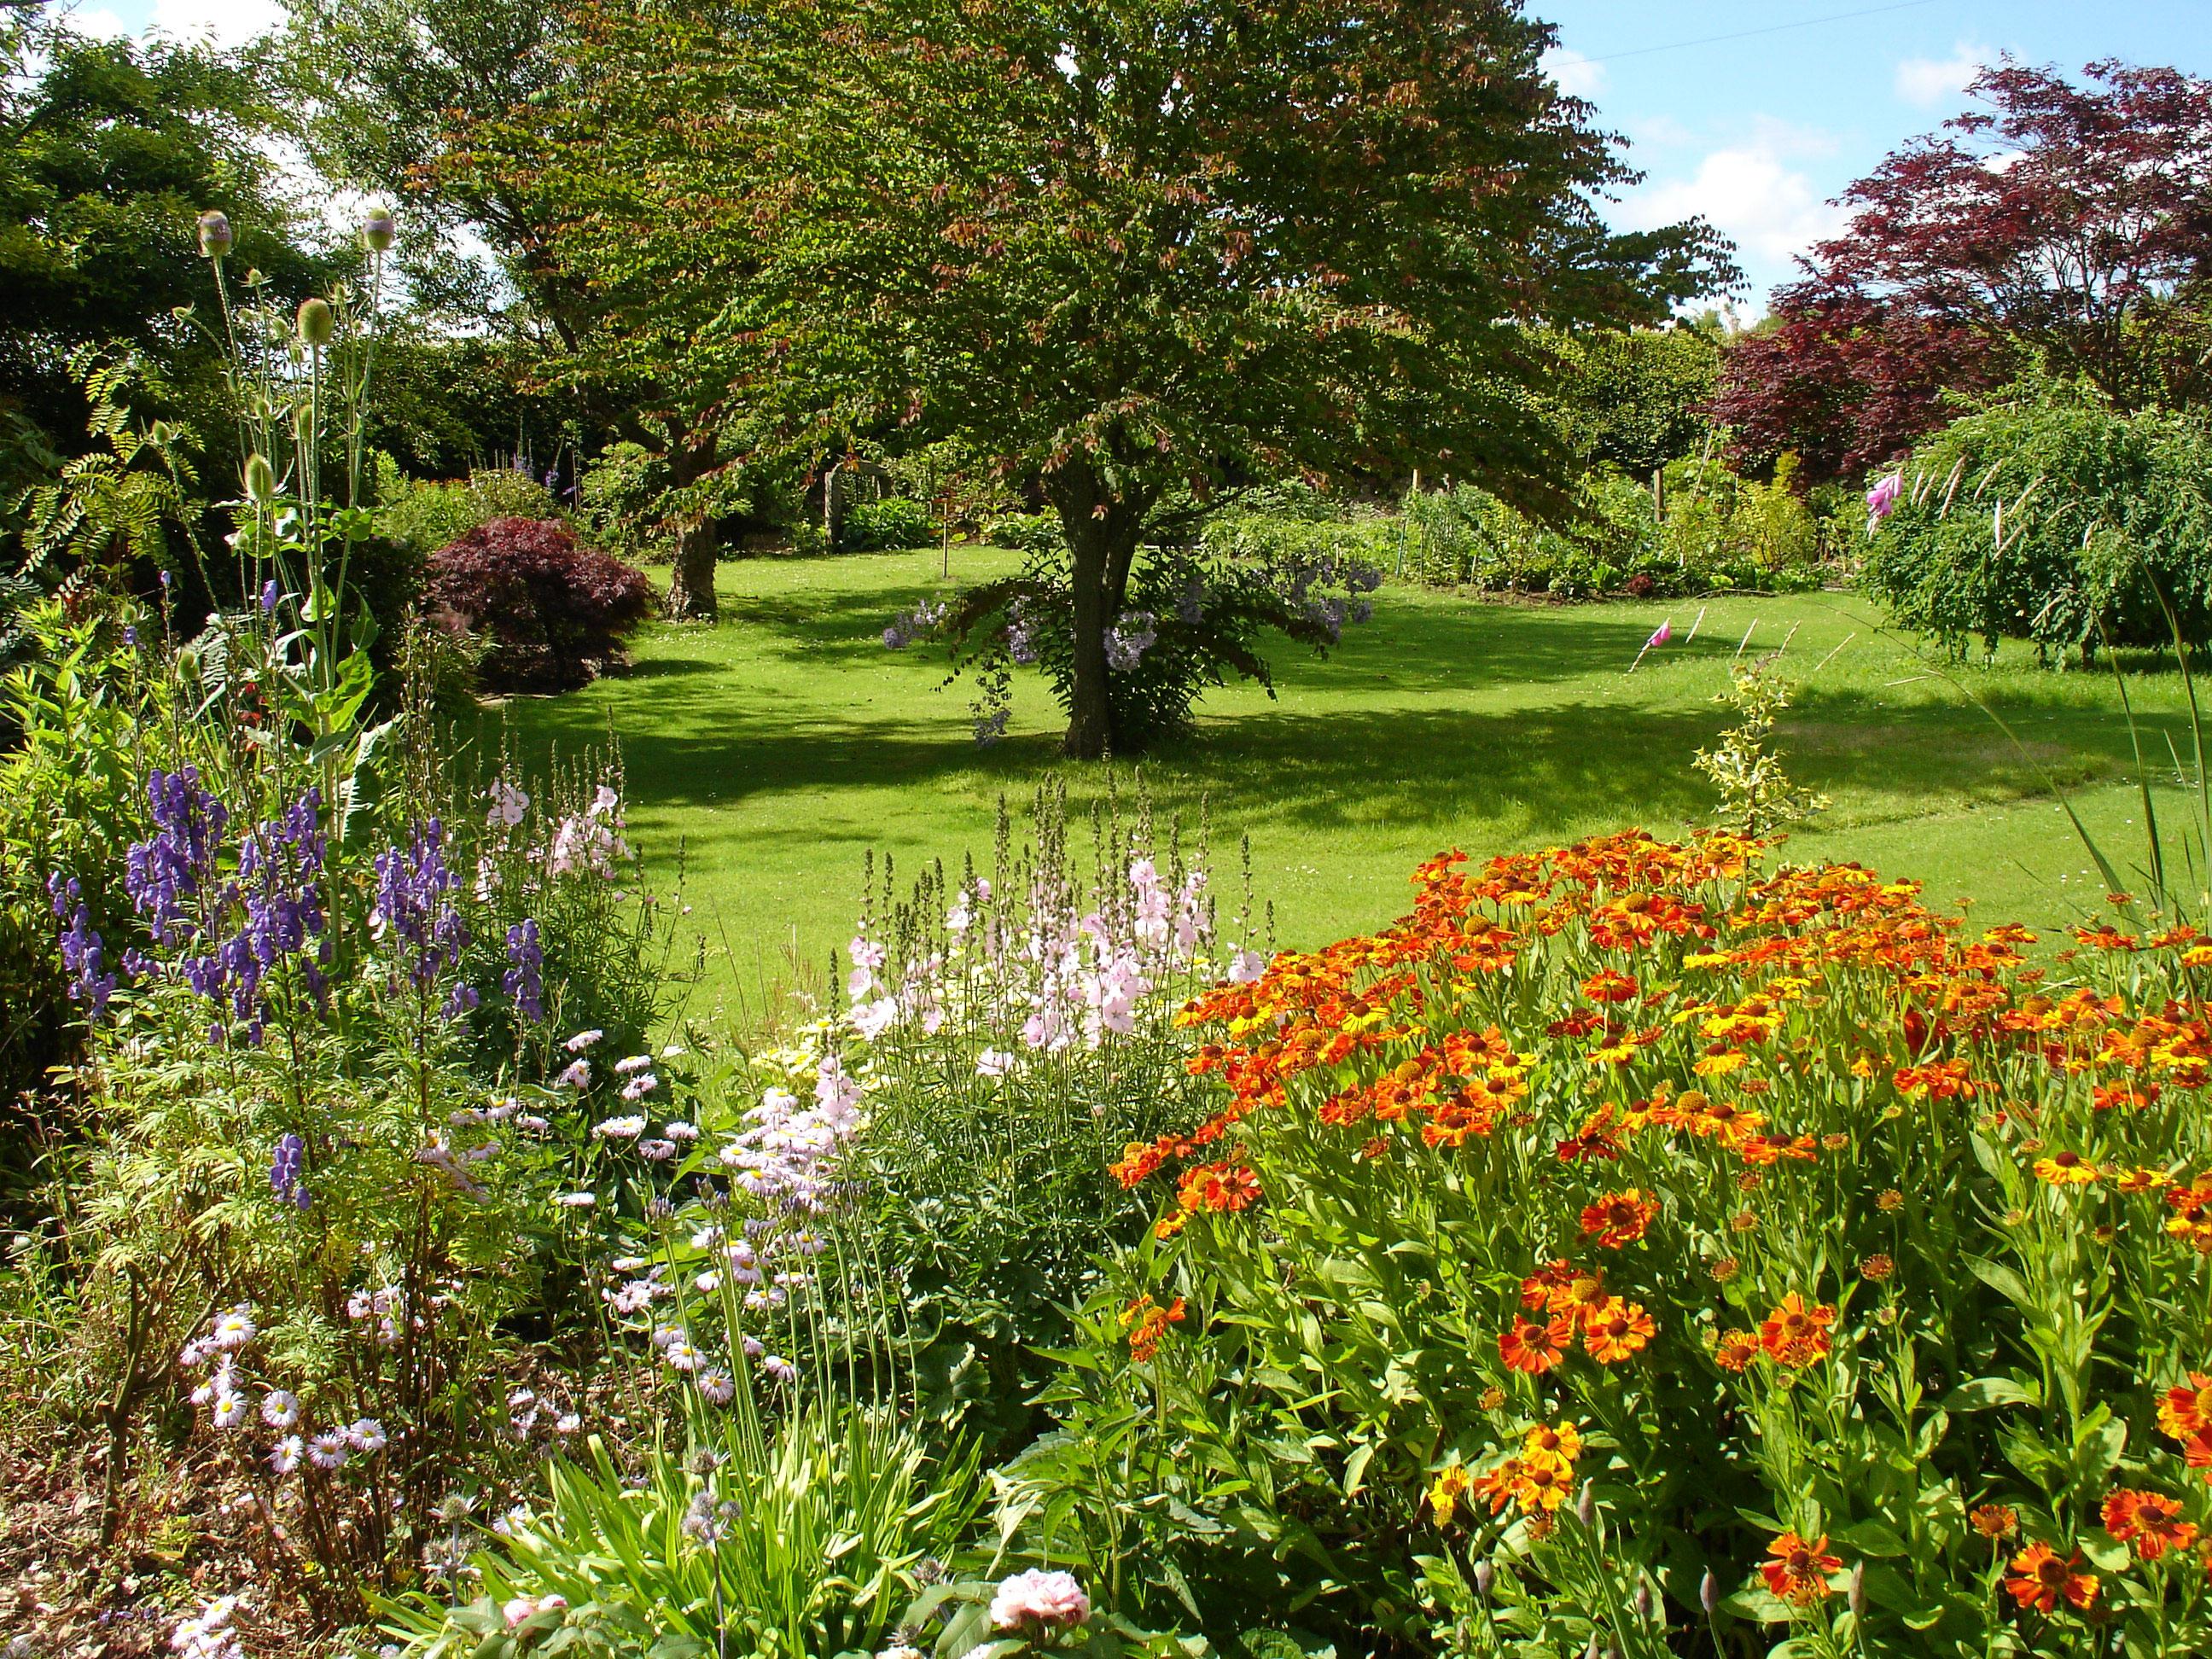 tolquhon garden